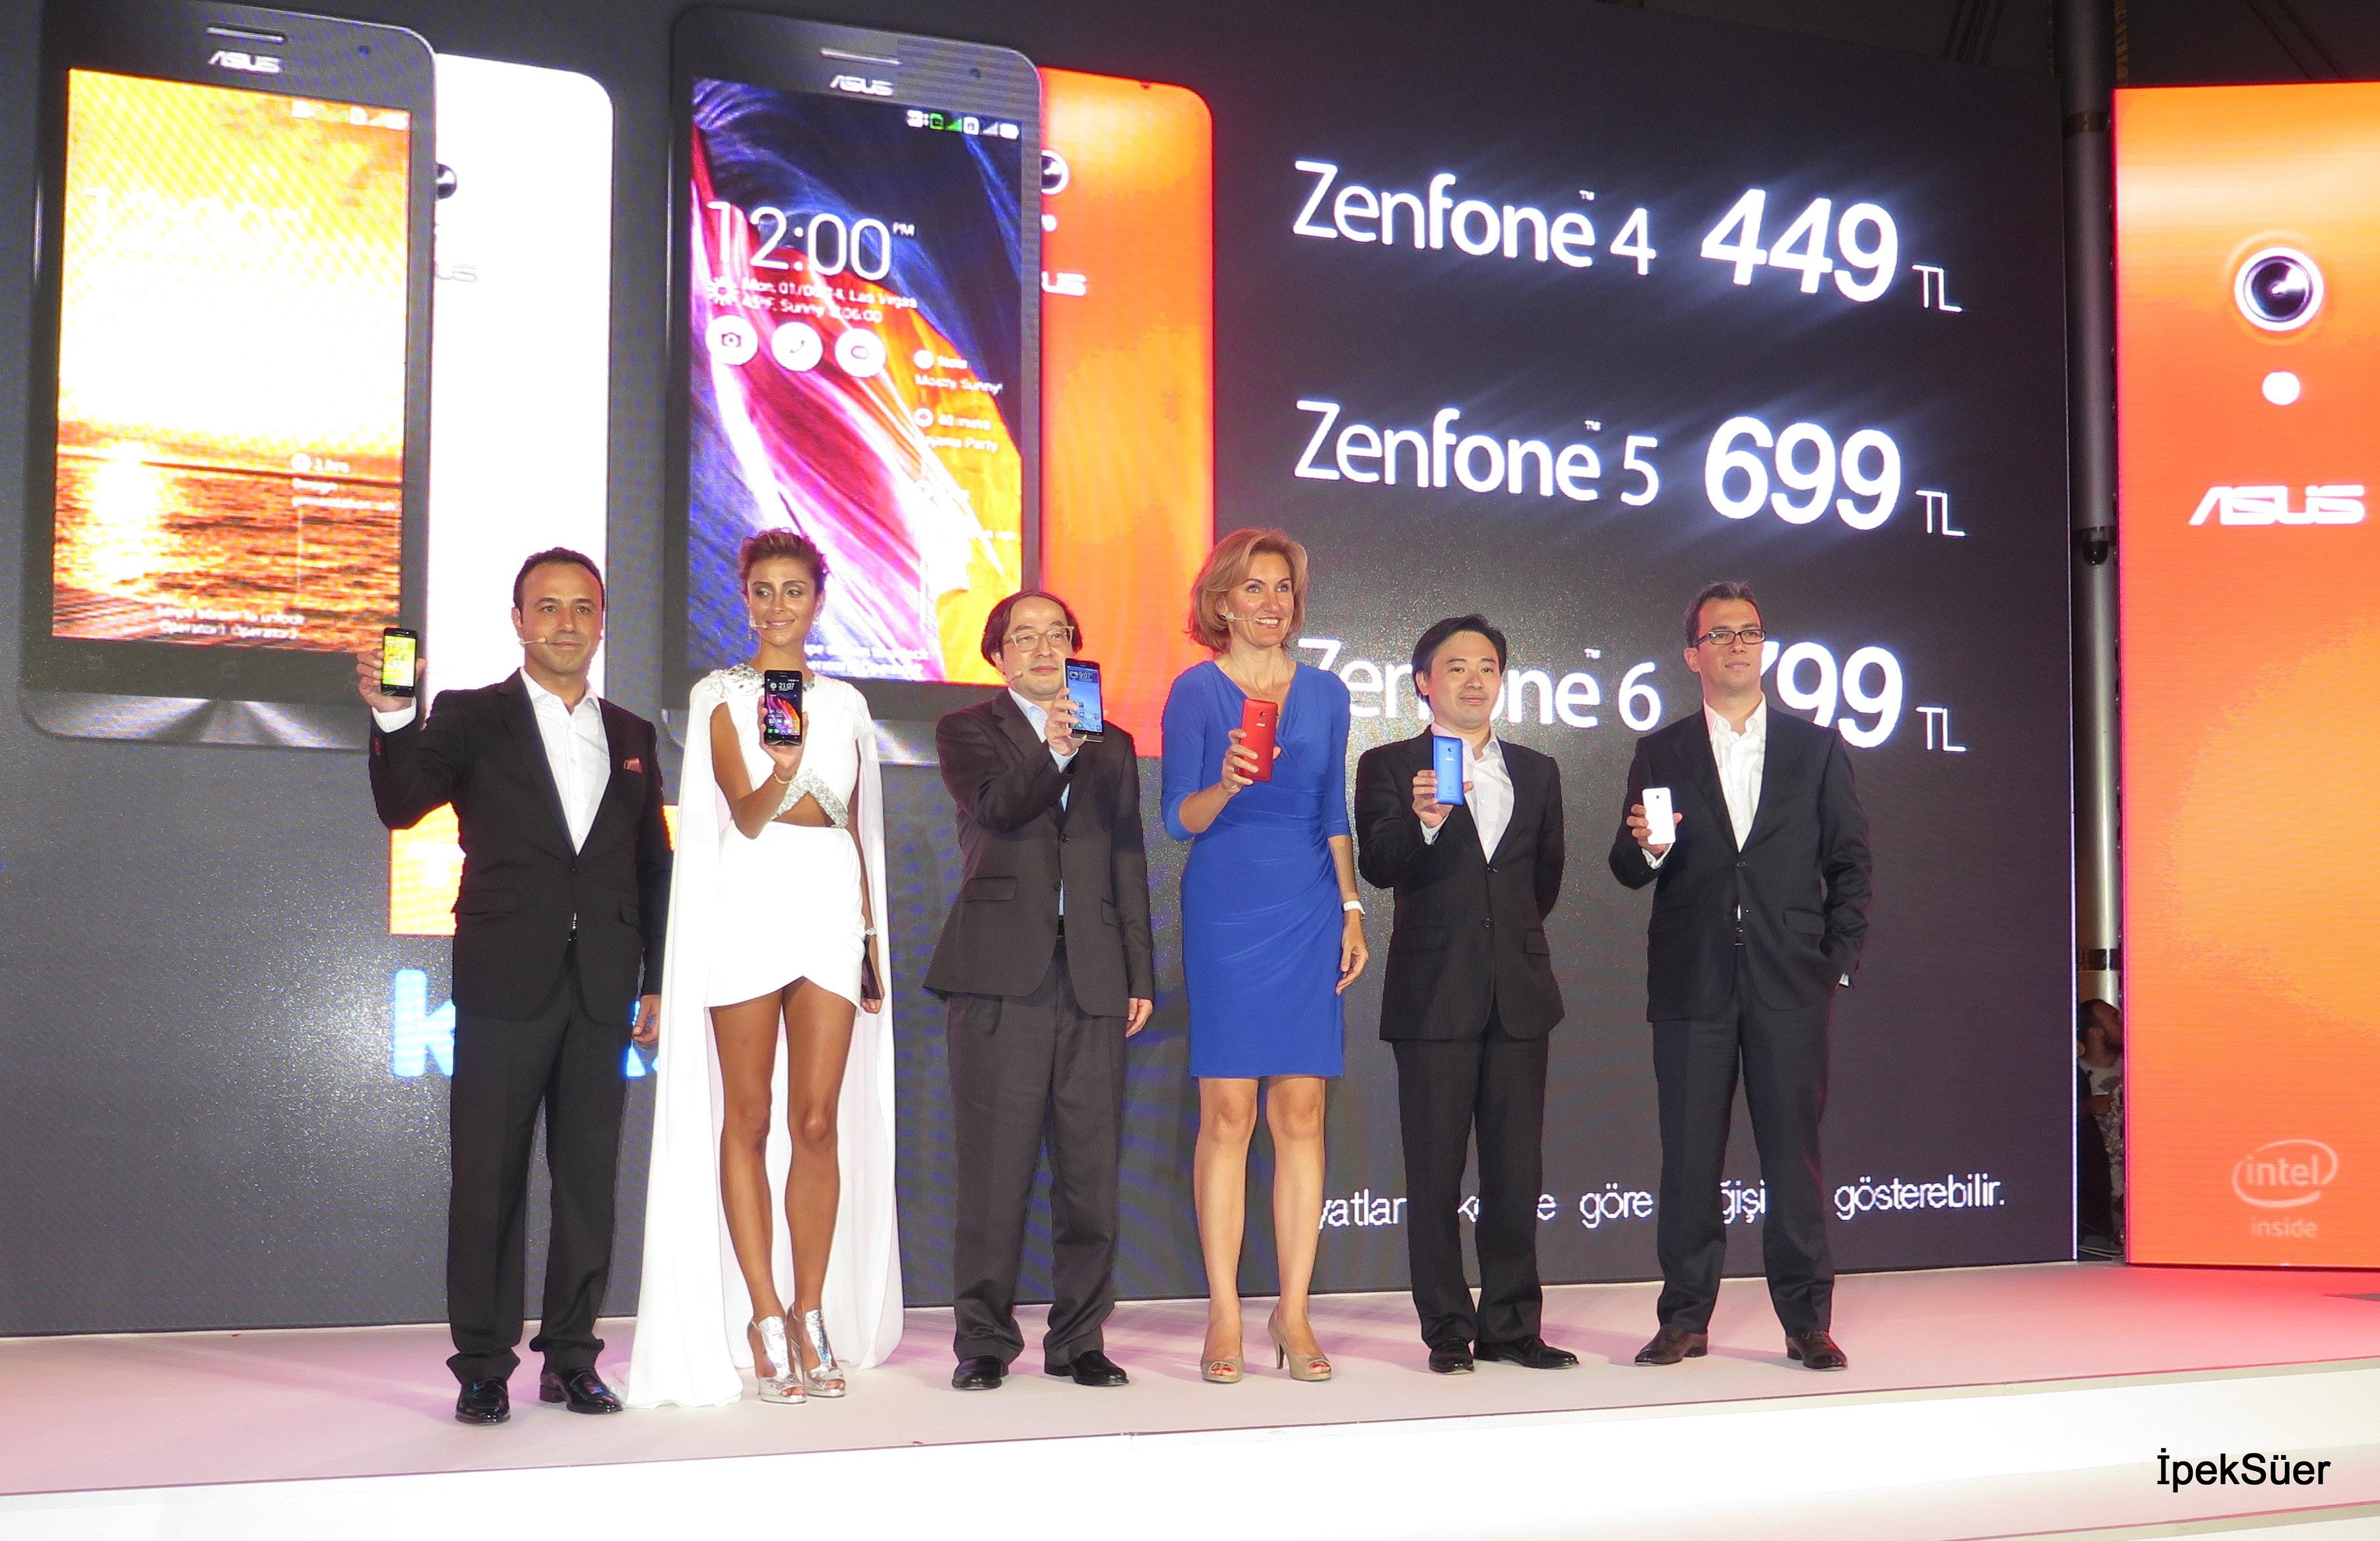 Zenfone Türkiye'de